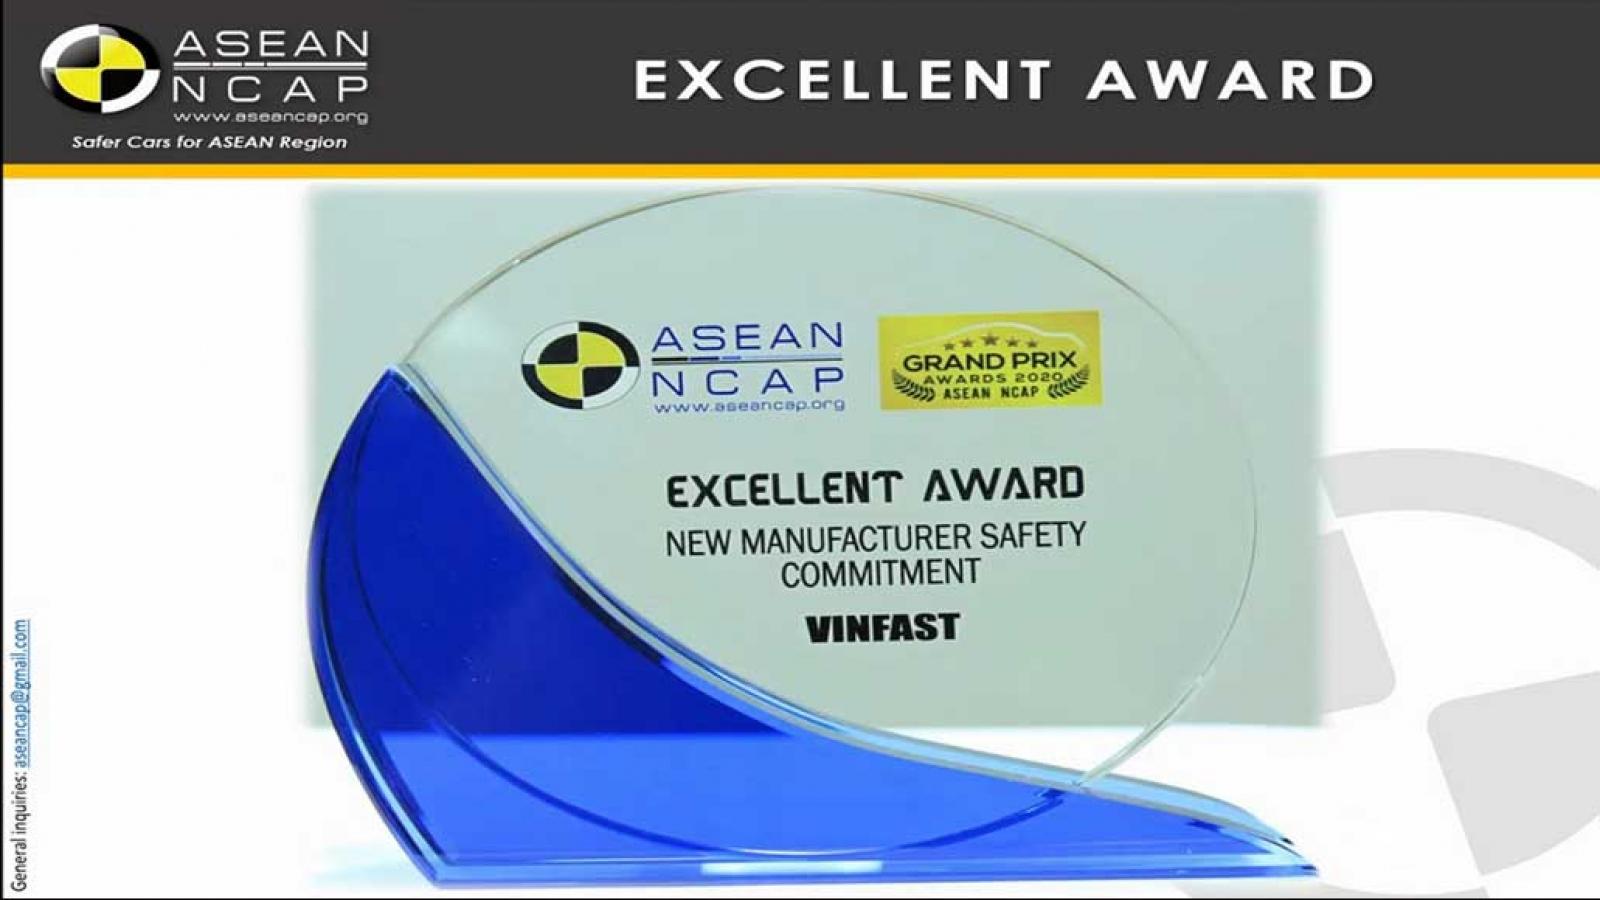 Giải thưởng VinFast mới đạt được từ ASEAN NCAP có ý nghĩa thế nào?